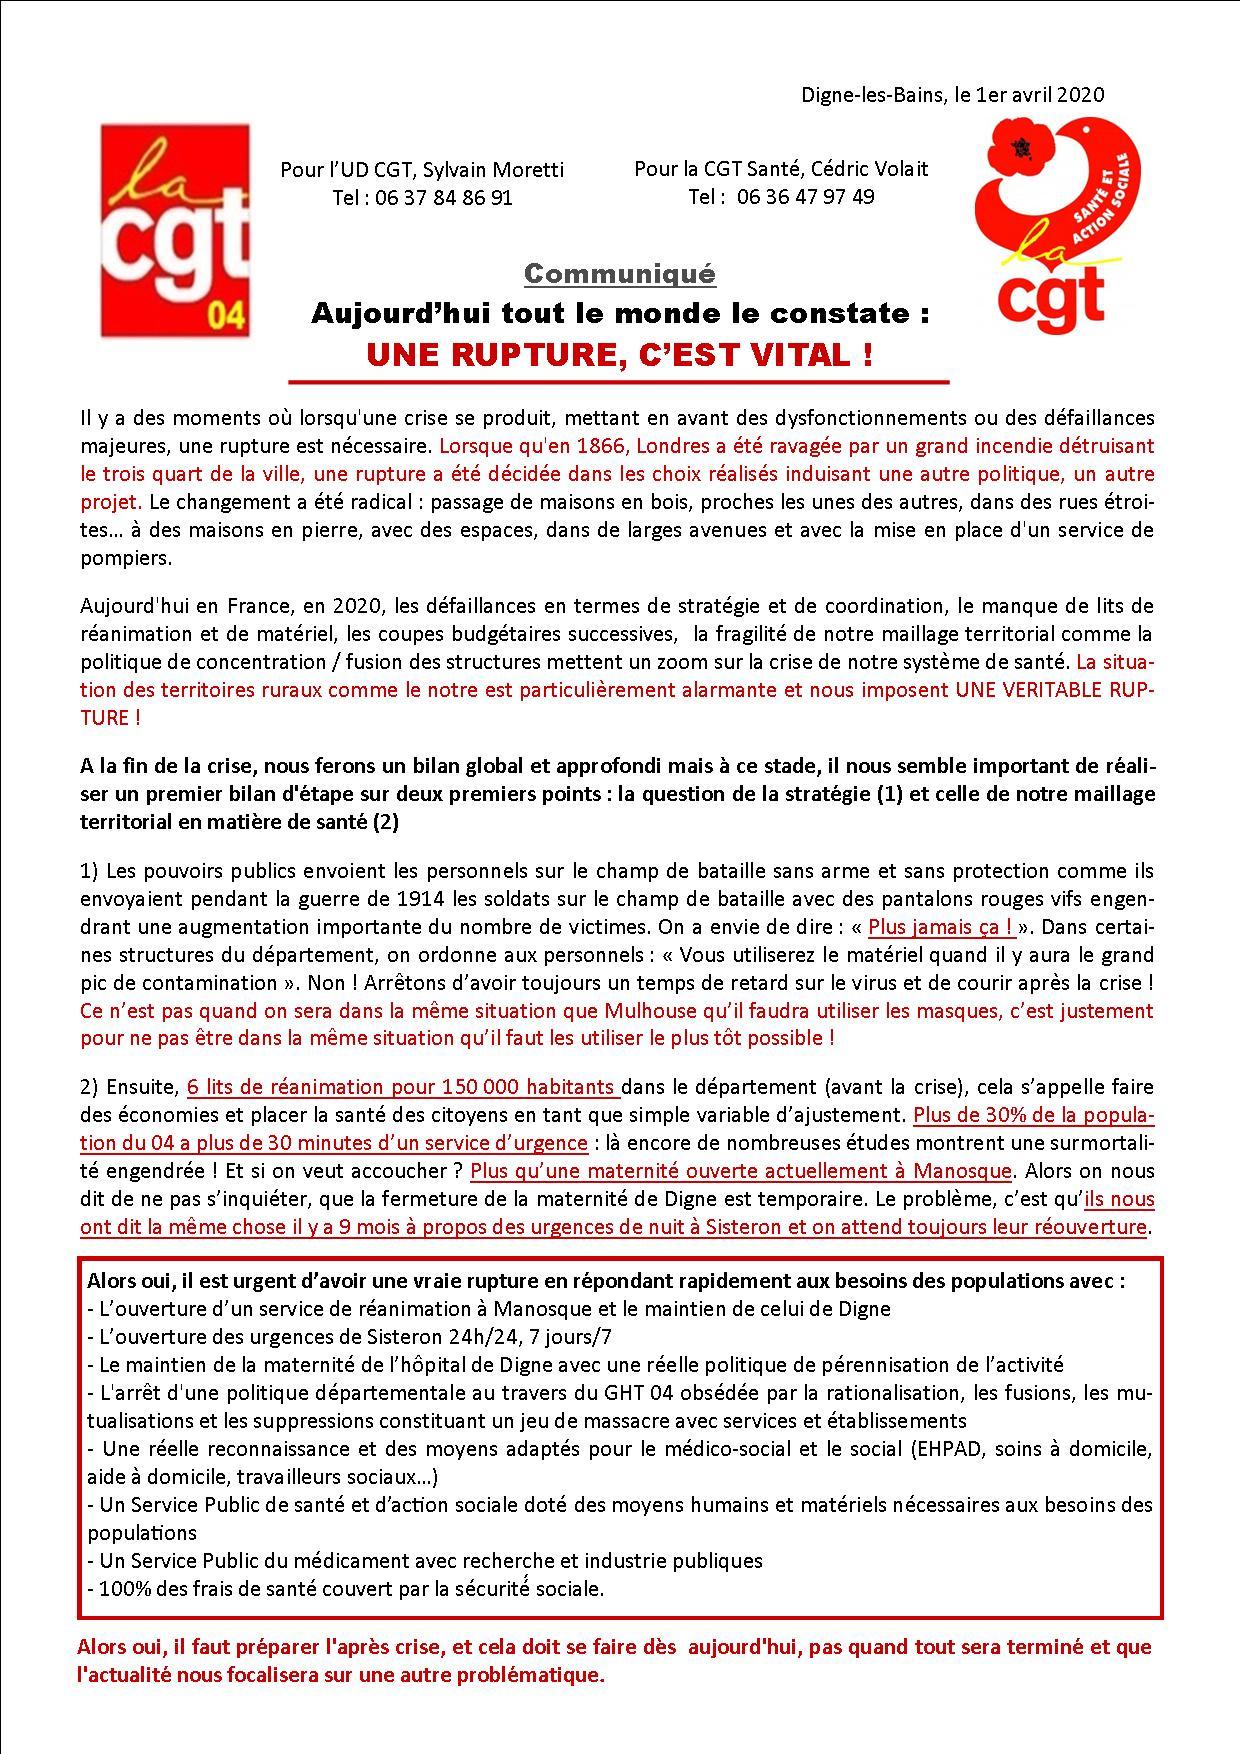 Communiqué UD USD santé Coronavirus